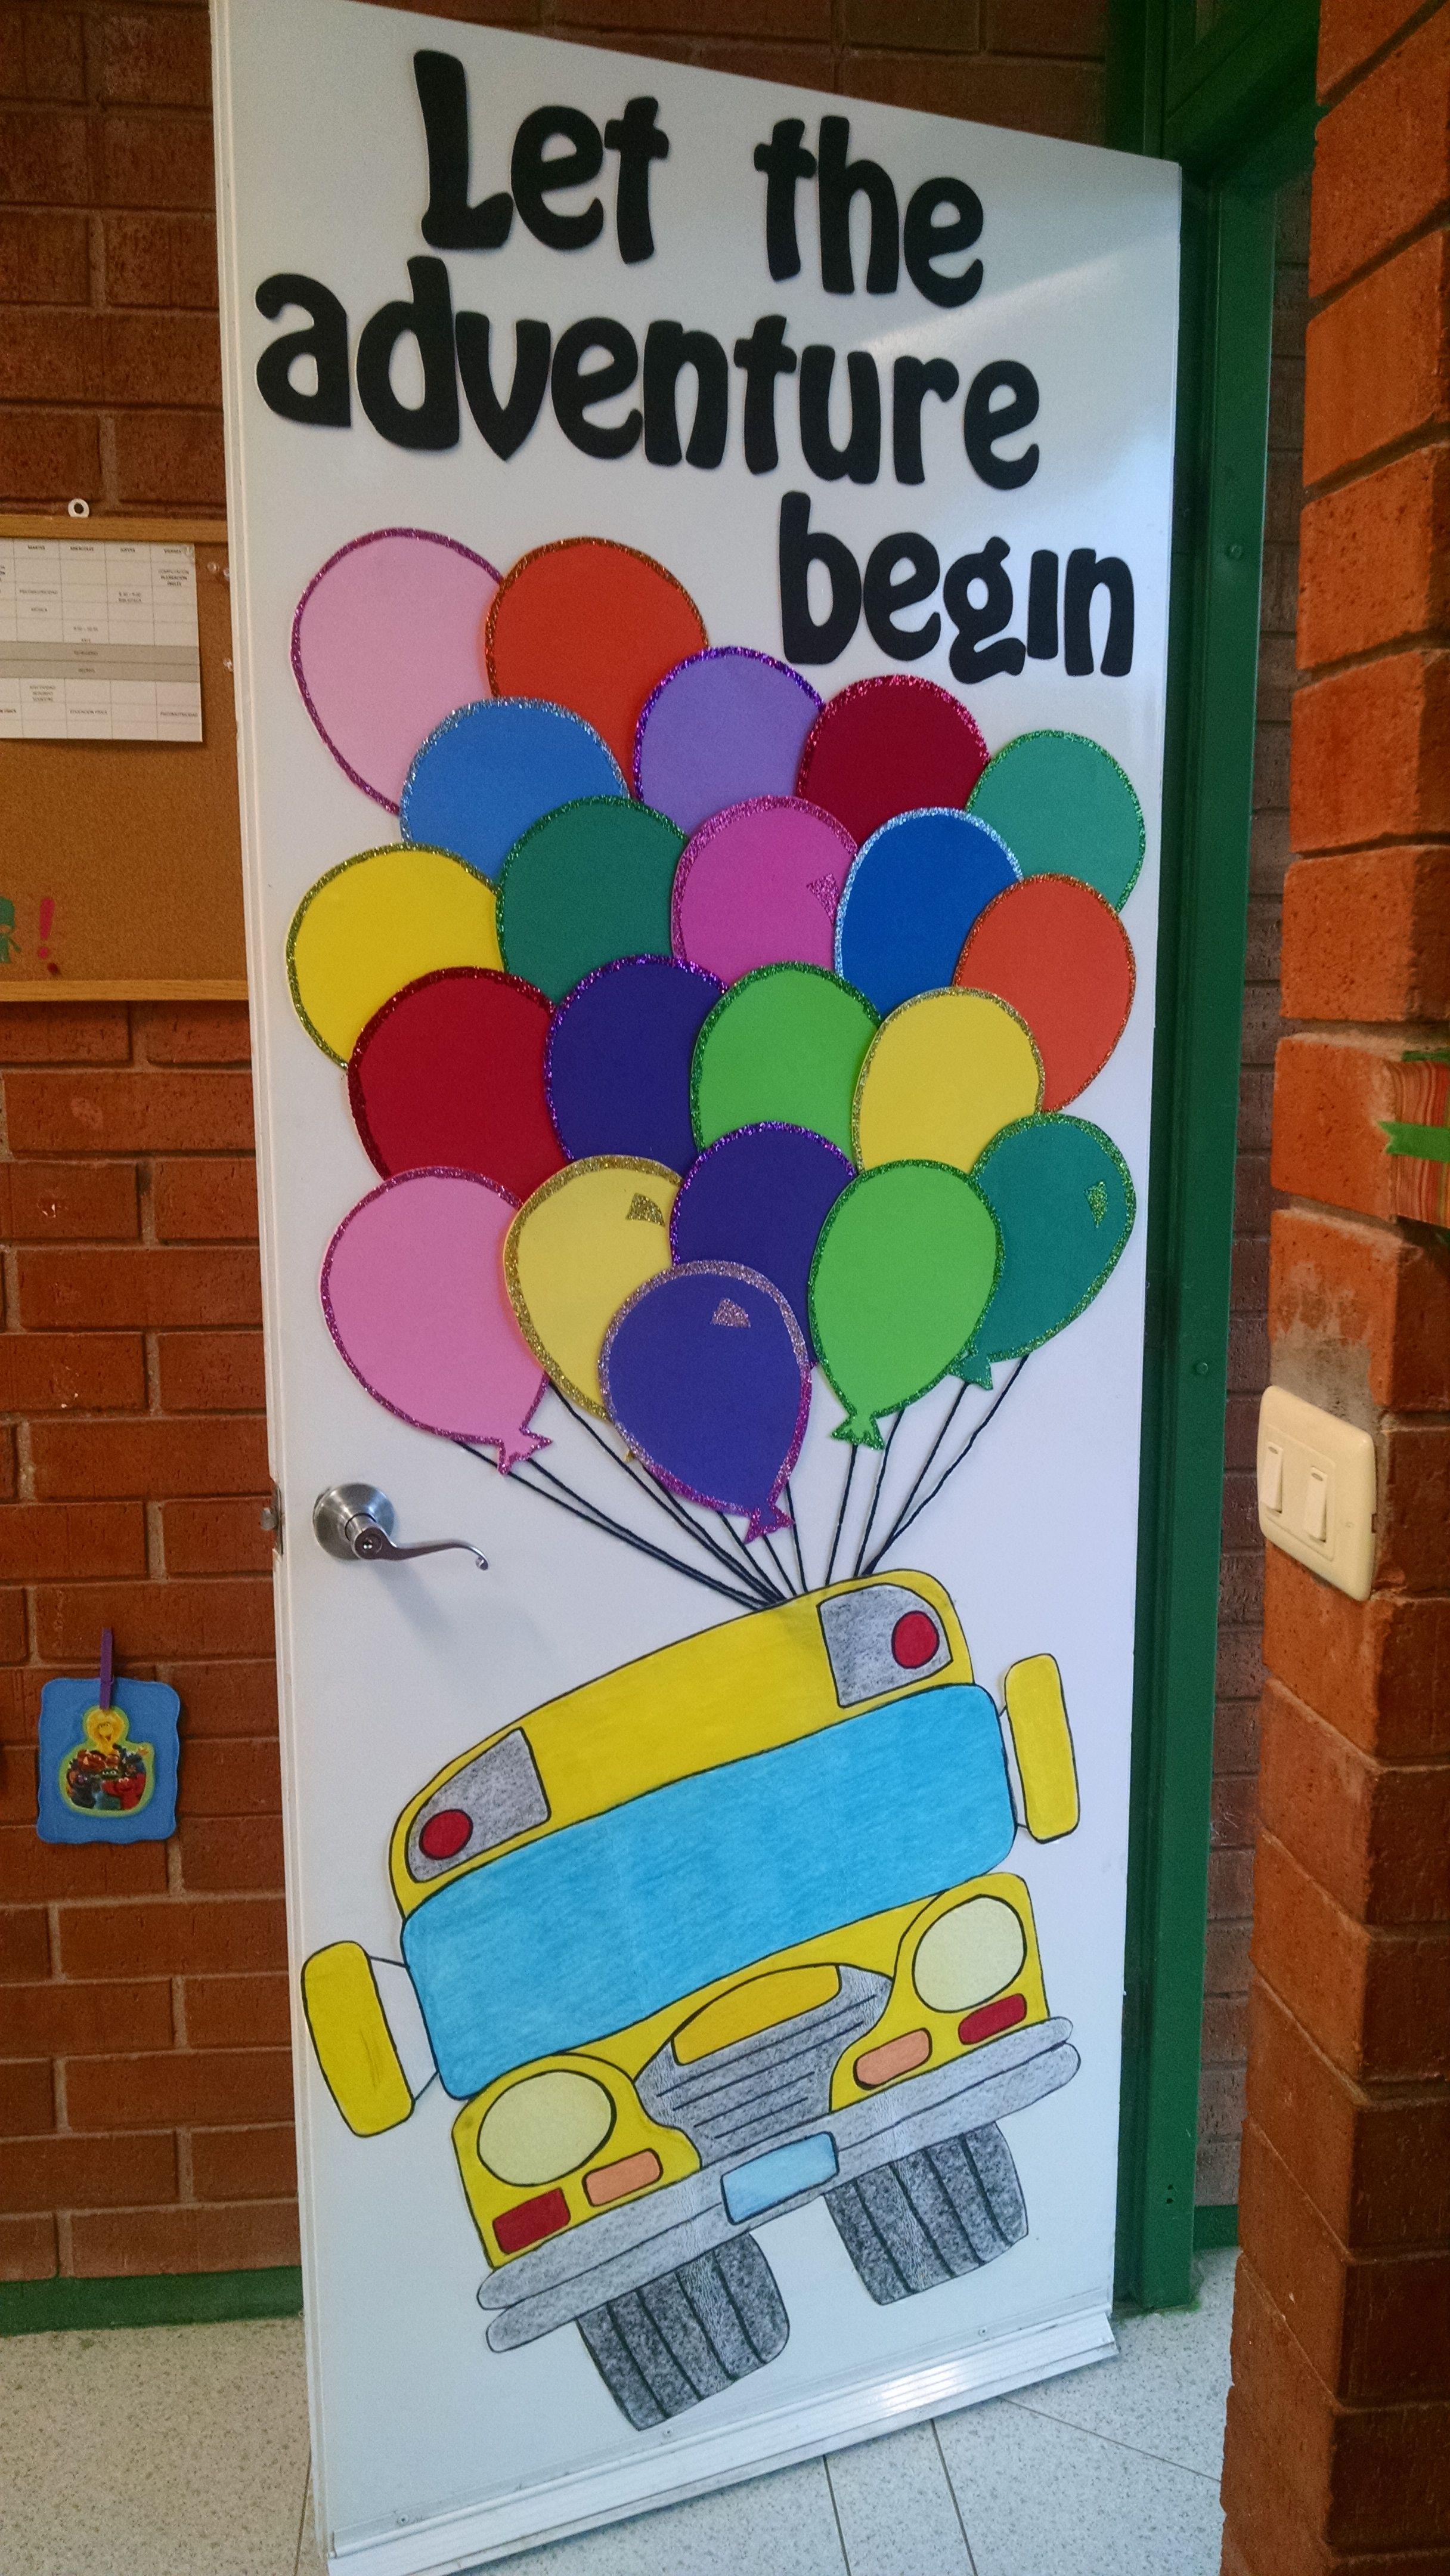 Puerta de bienvenida decoraci puerta de bienvenida for Decoracion de puertas escolares